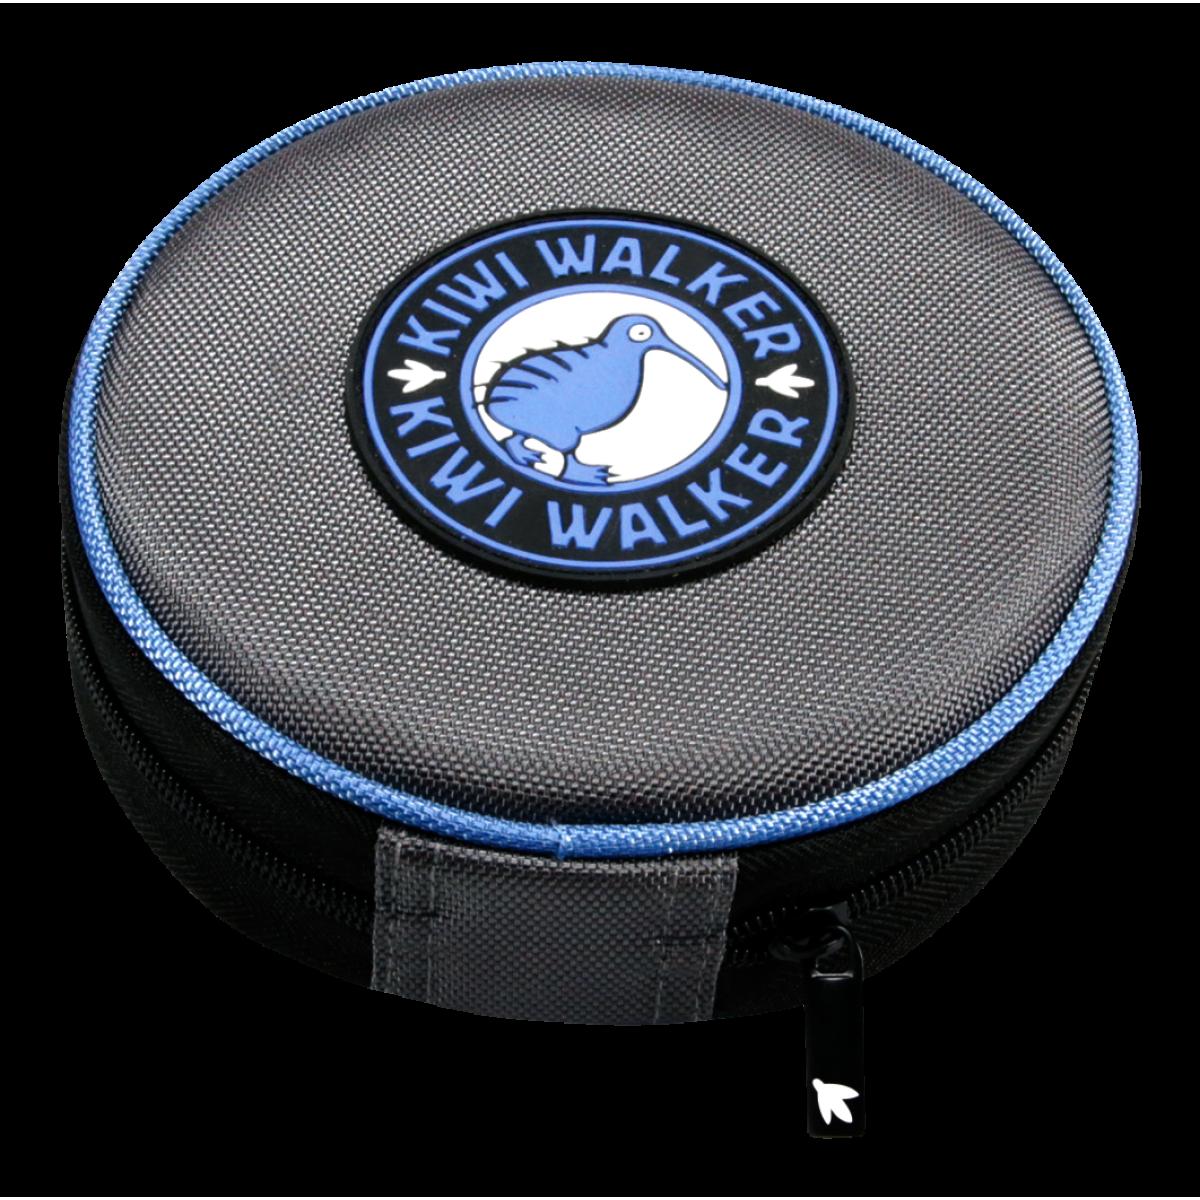 Bol Dublu Pliabil de la Kiwi Walker